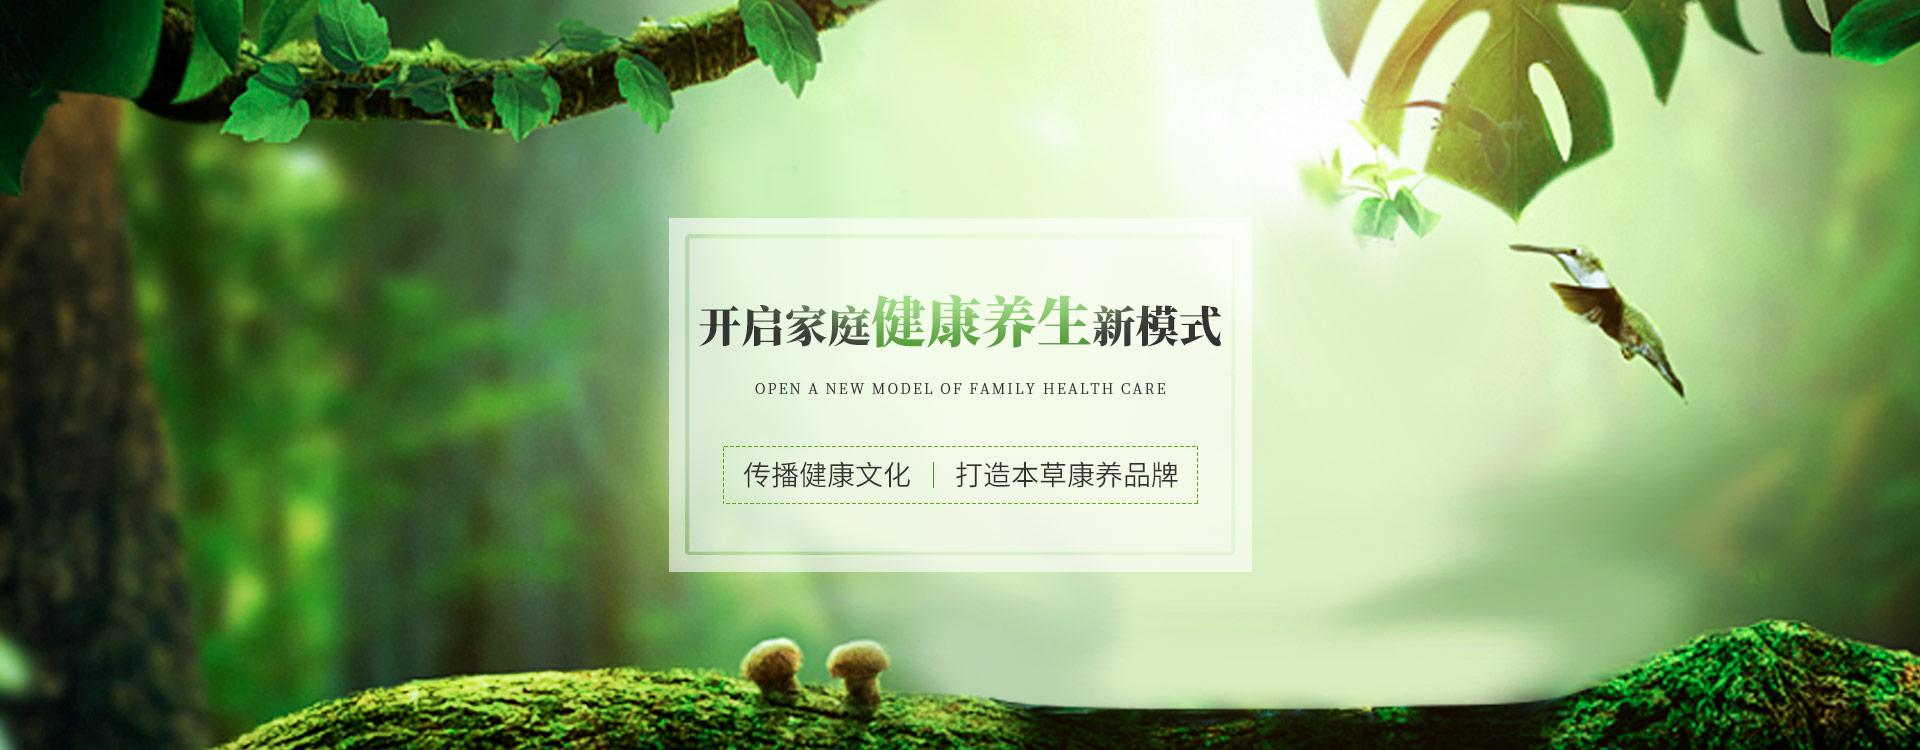 贵州功能性坐垫厂家